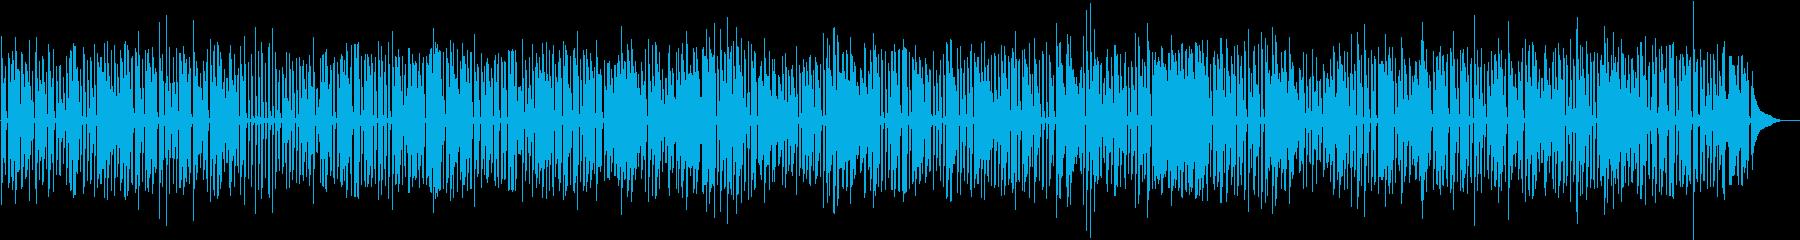 楽しい映像向けワクワクするジャズピアノの再生済みの波形